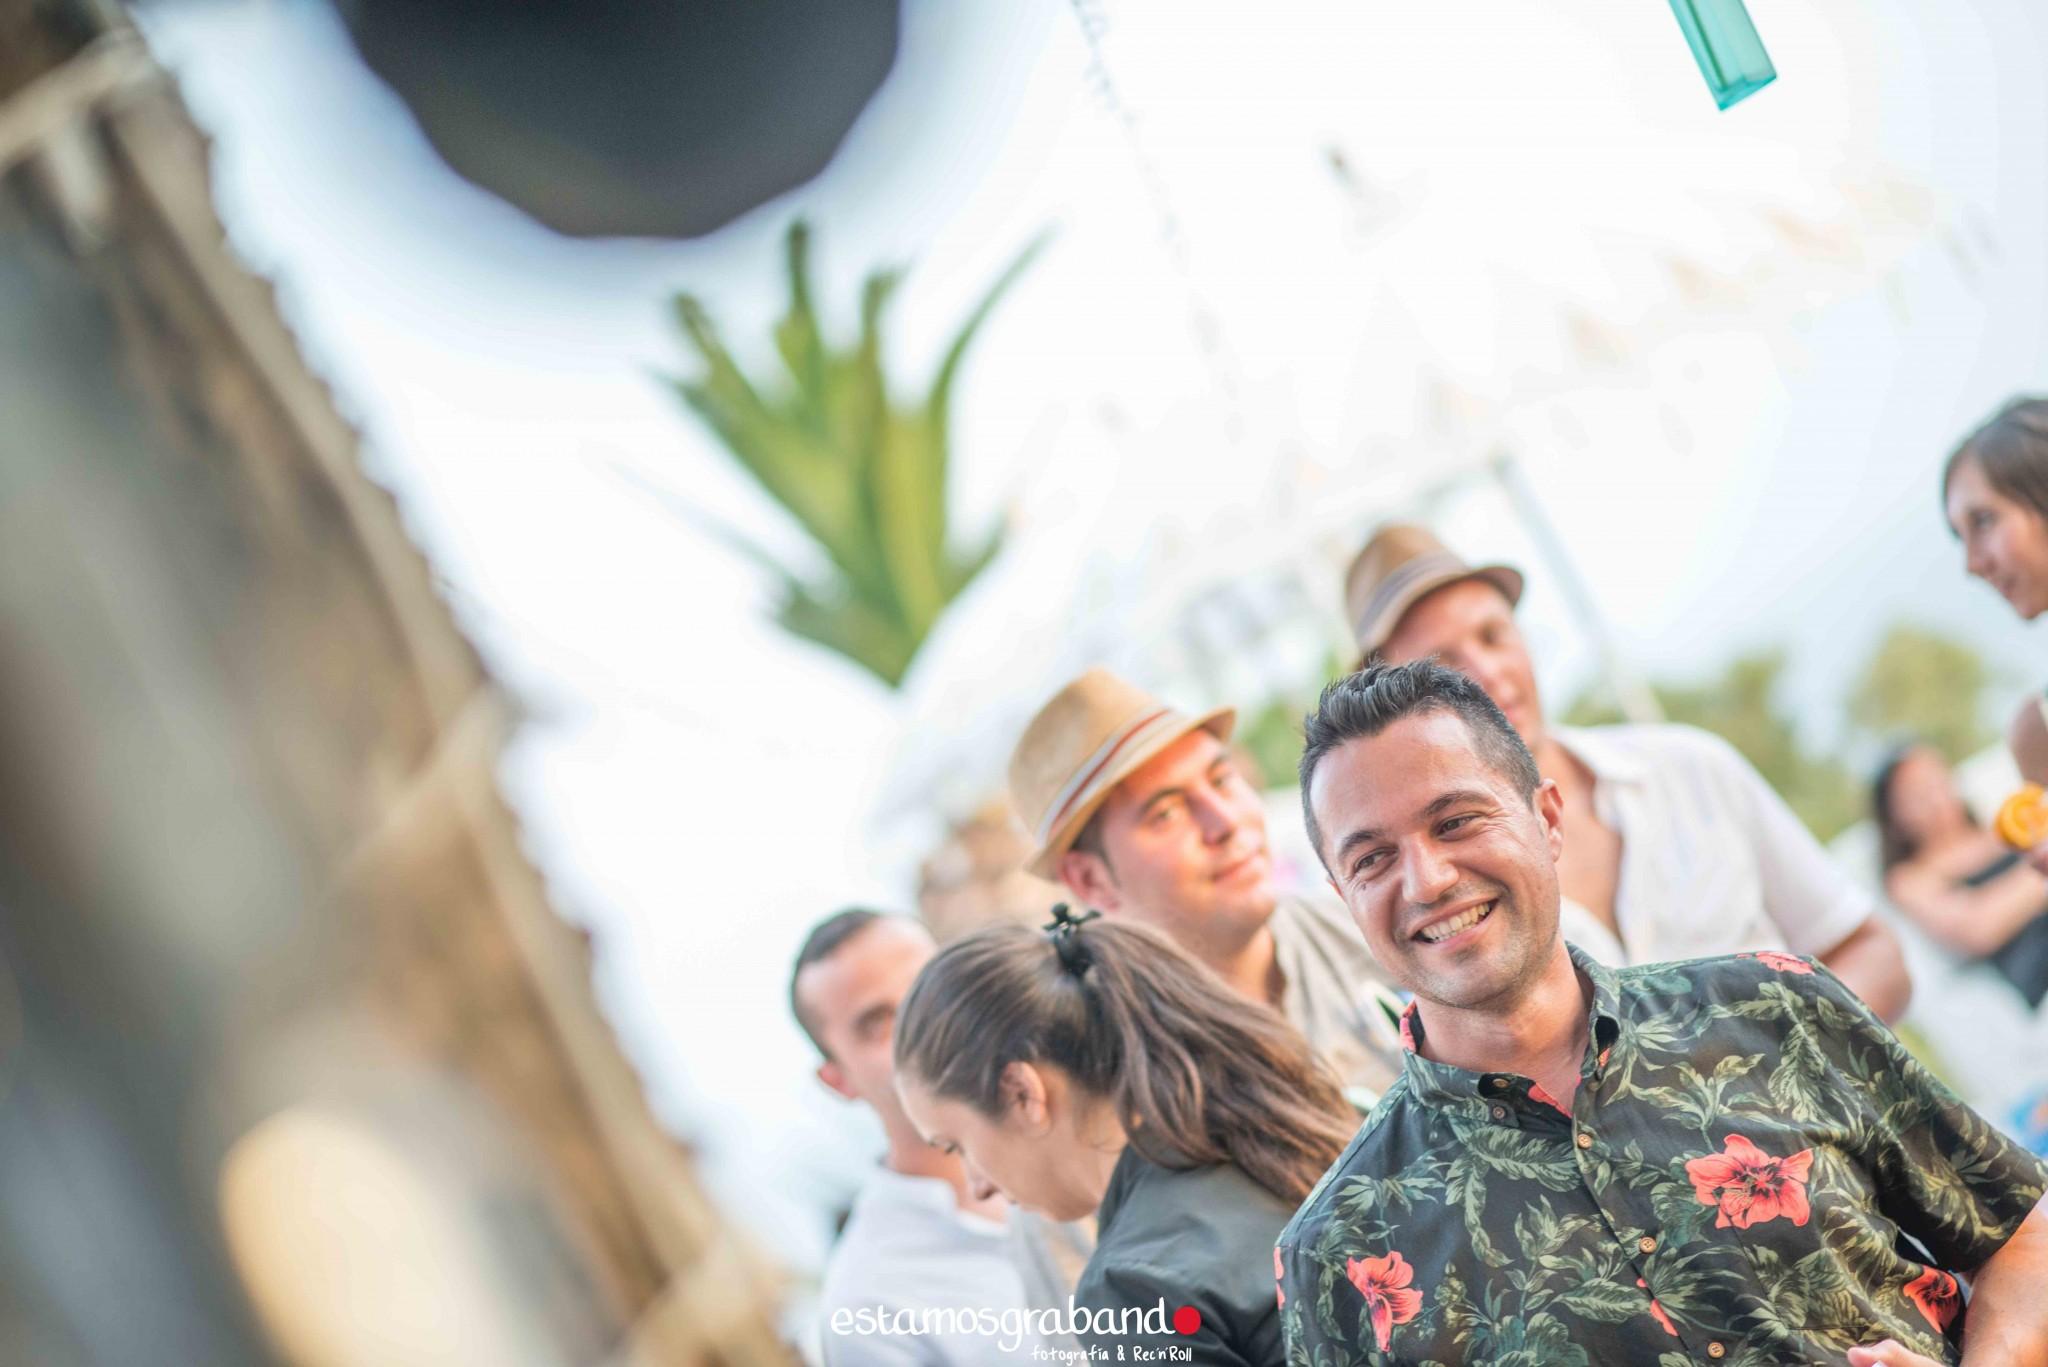 Alba-y-Jose-BTTW-56 Los invitados de Alba & Jose [Back to the wedding_Atlanterra, Zahara de los Atunes] - video boda cadiz